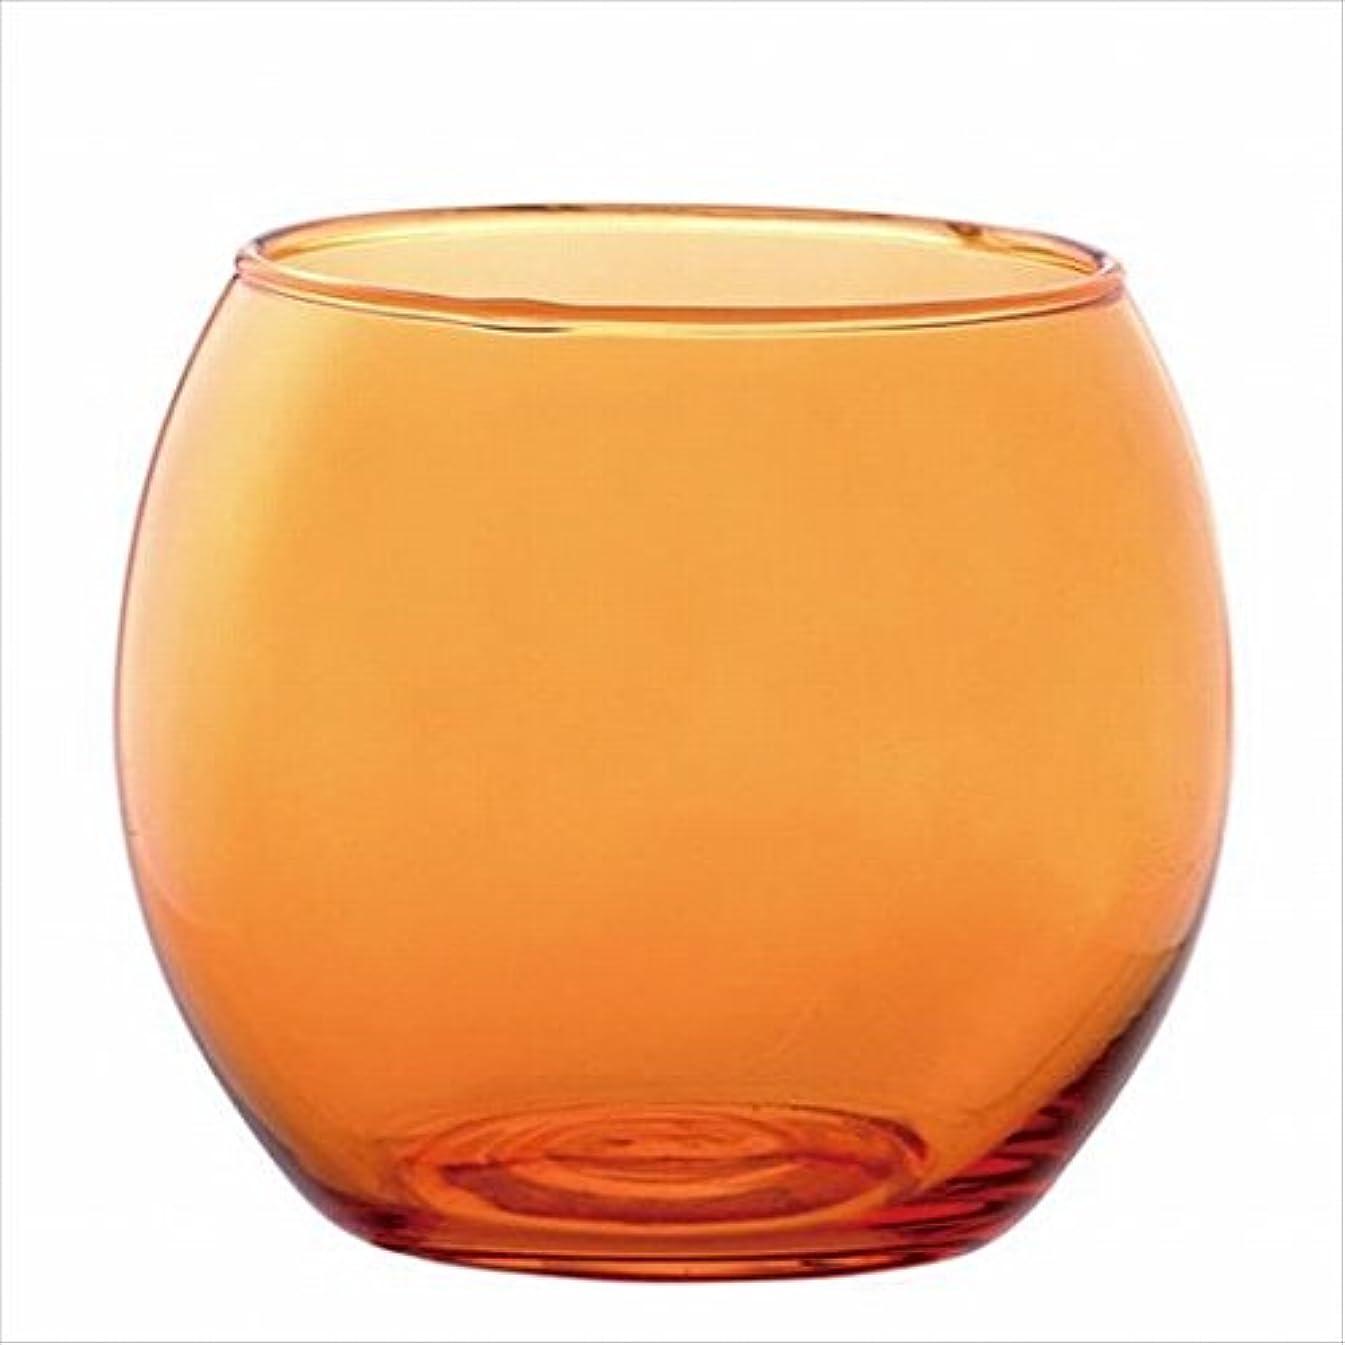 封建ビール高価なカメヤマキャンドル( kameyama candle ) スフィアキャンドルホルダー 「 オレンジ 」